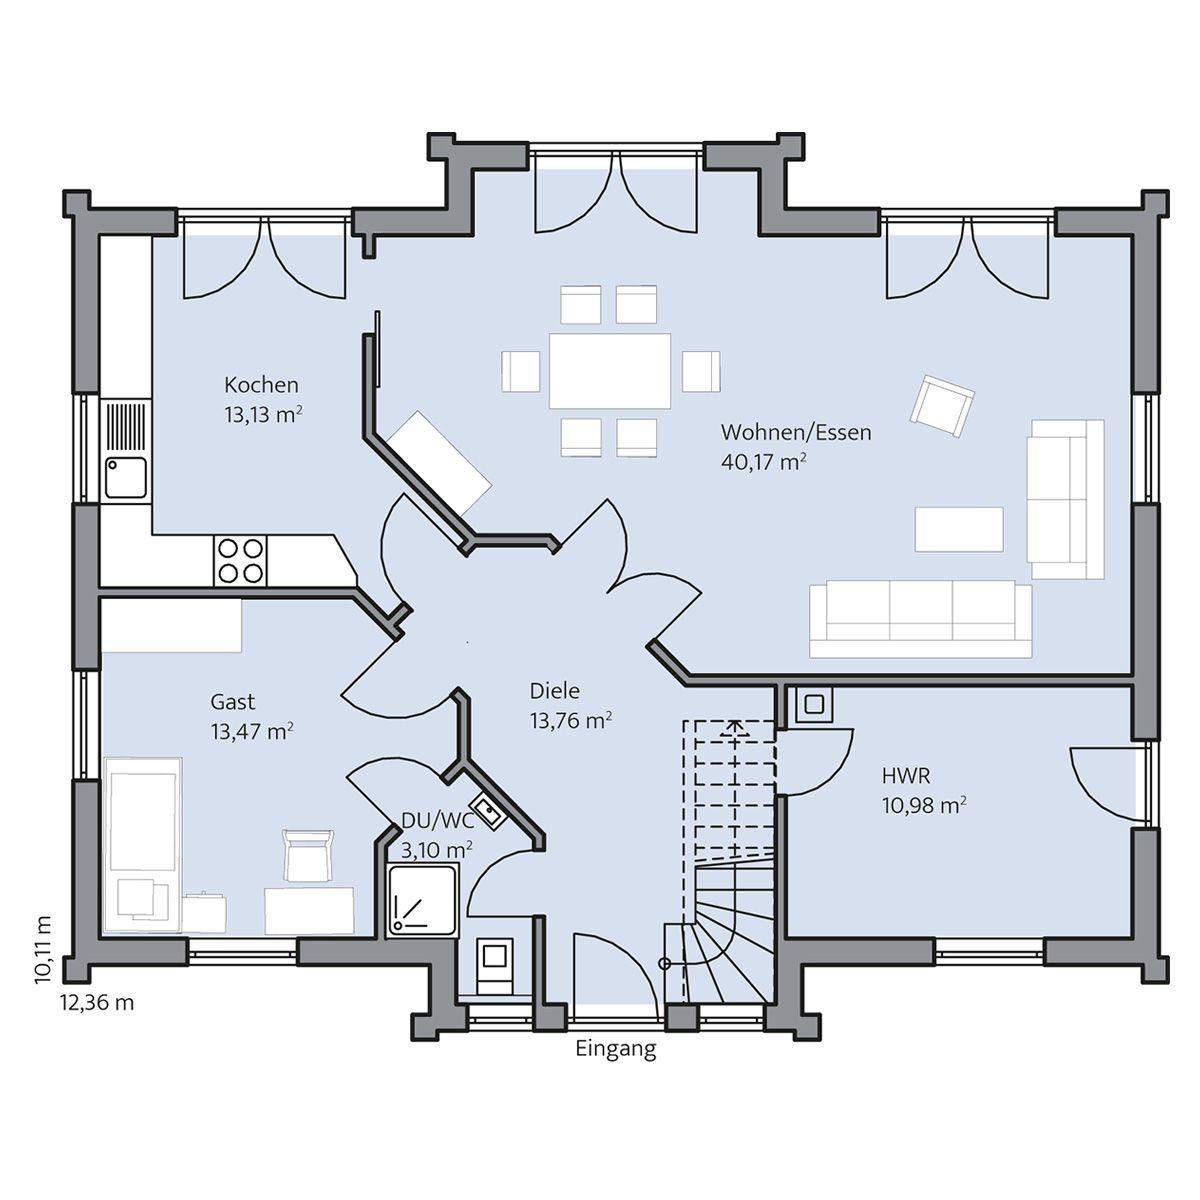 pingl par j lchen sur haus bauen pinterest maison plan maison et plans. Black Bedroom Furniture Sets. Home Design Ideas